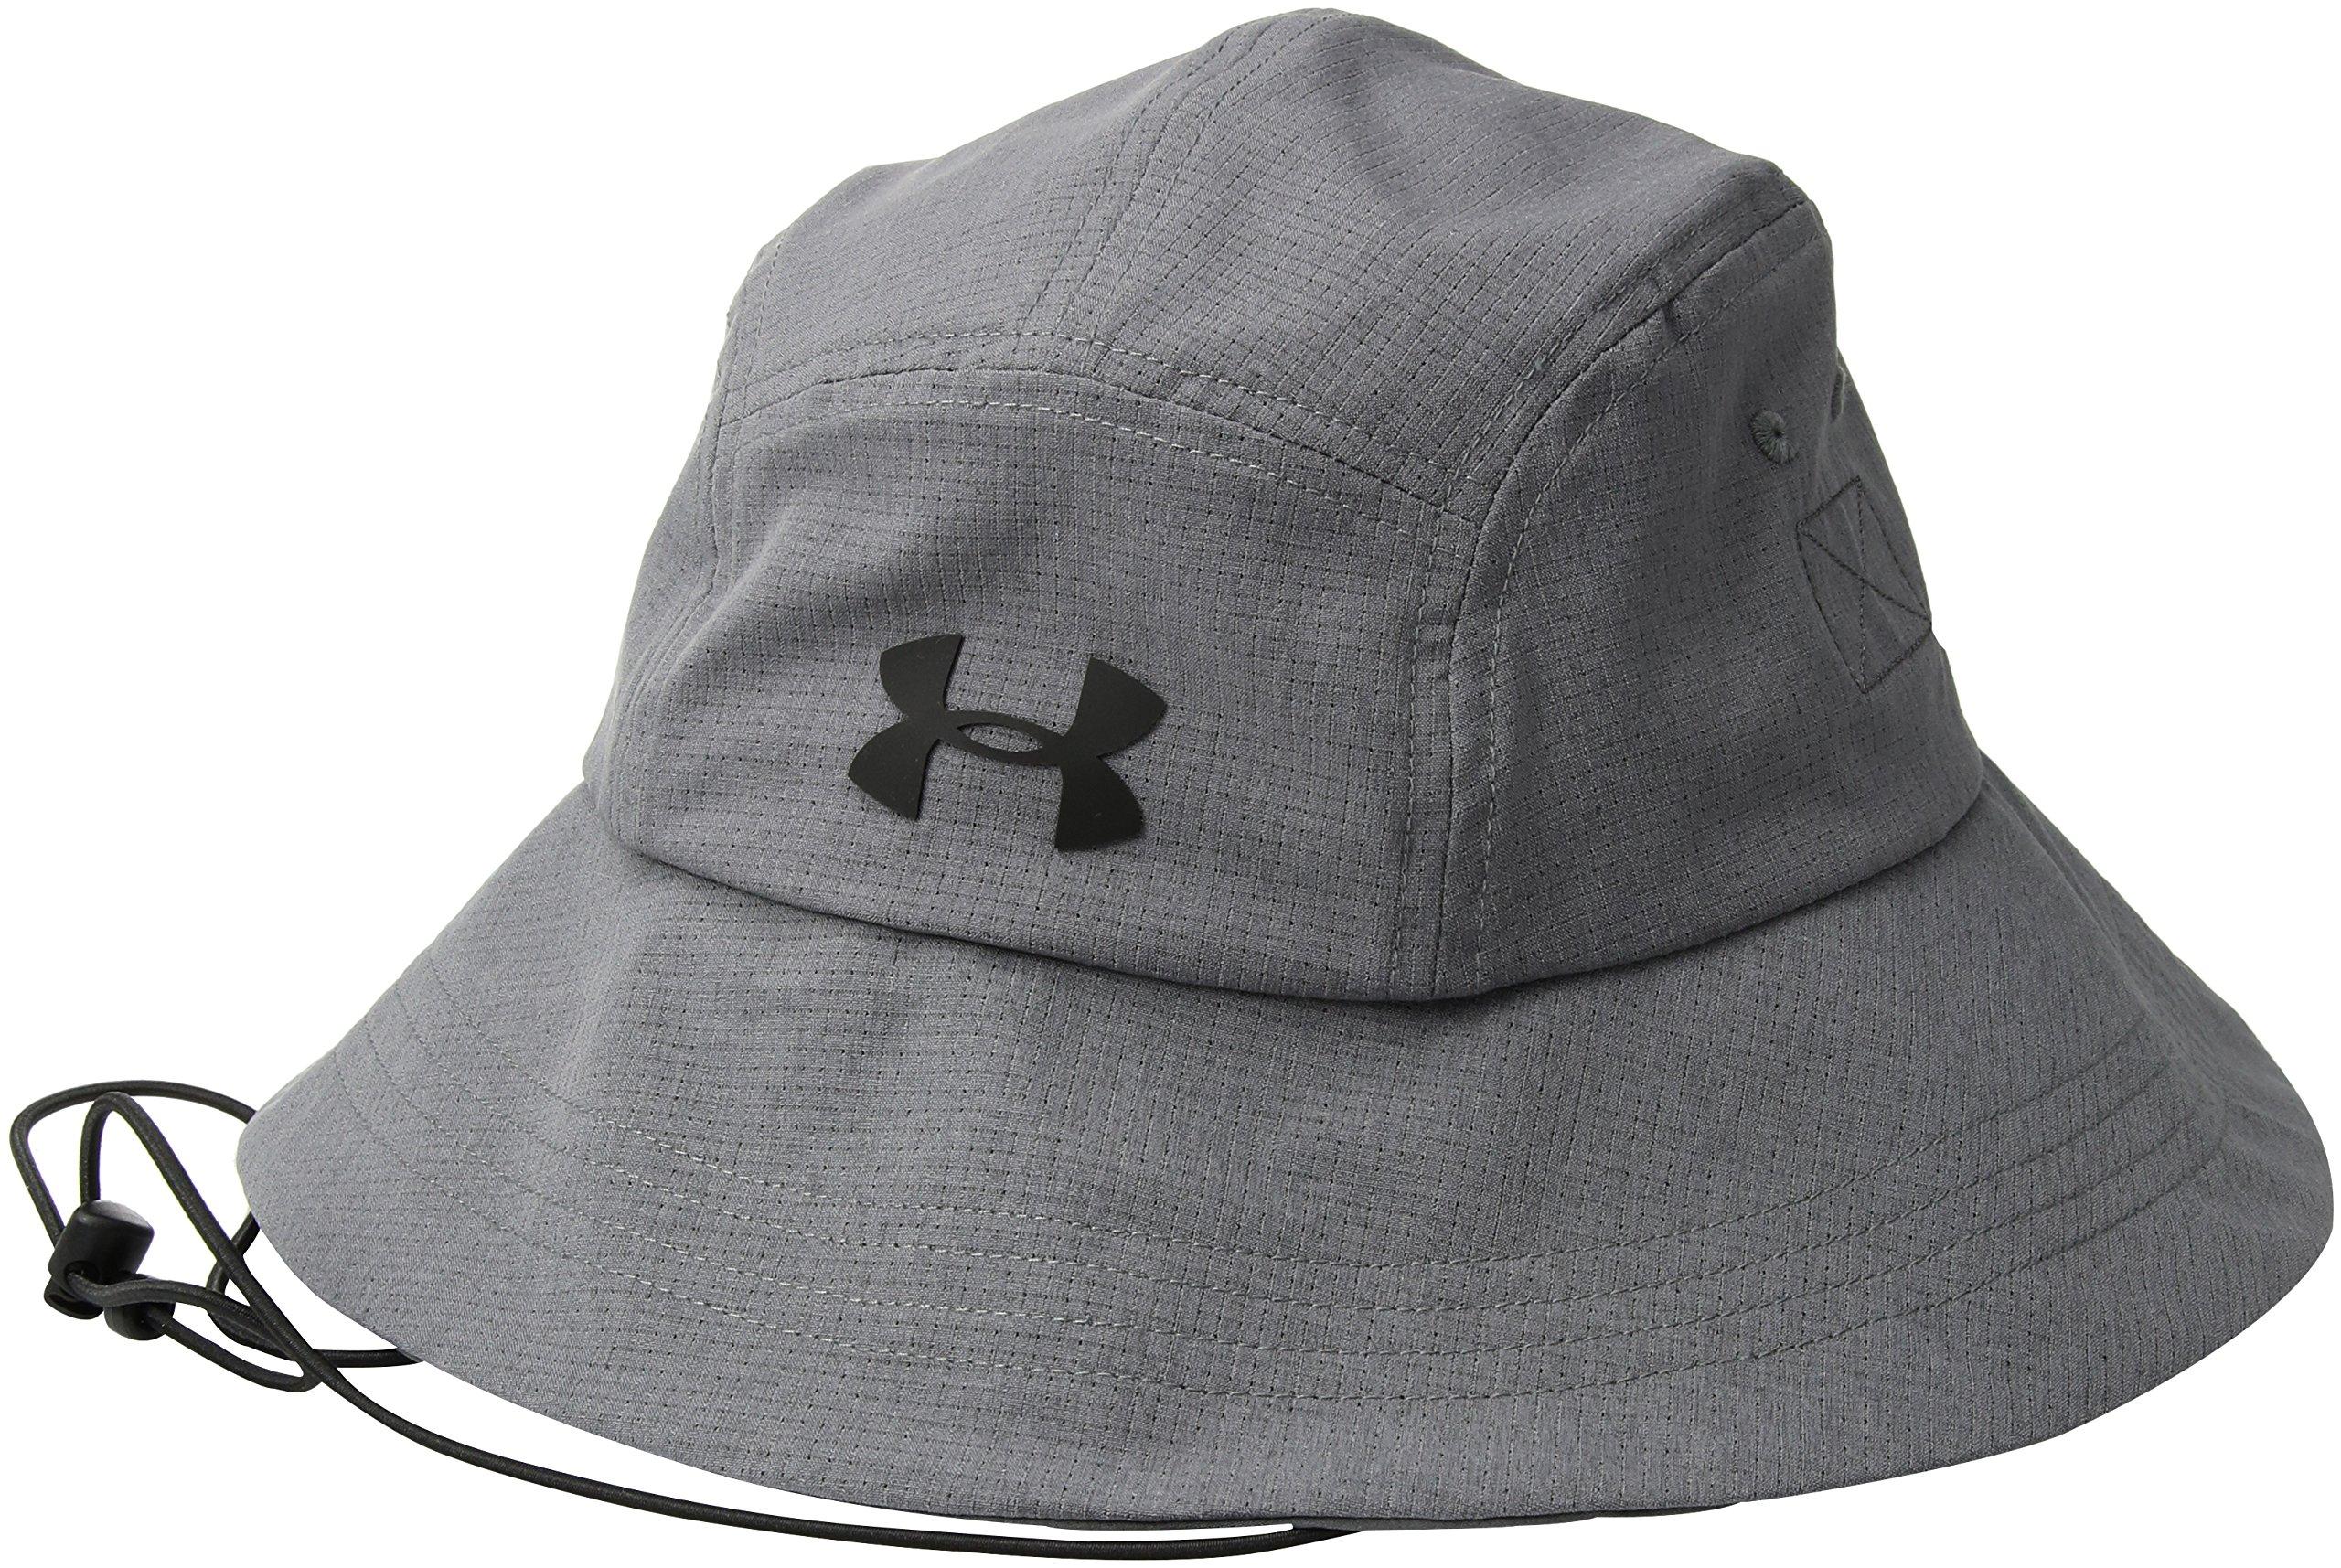 97f6945c016 Under Armour Men s ArmourVent Warrior Bucket 2.0 Hat